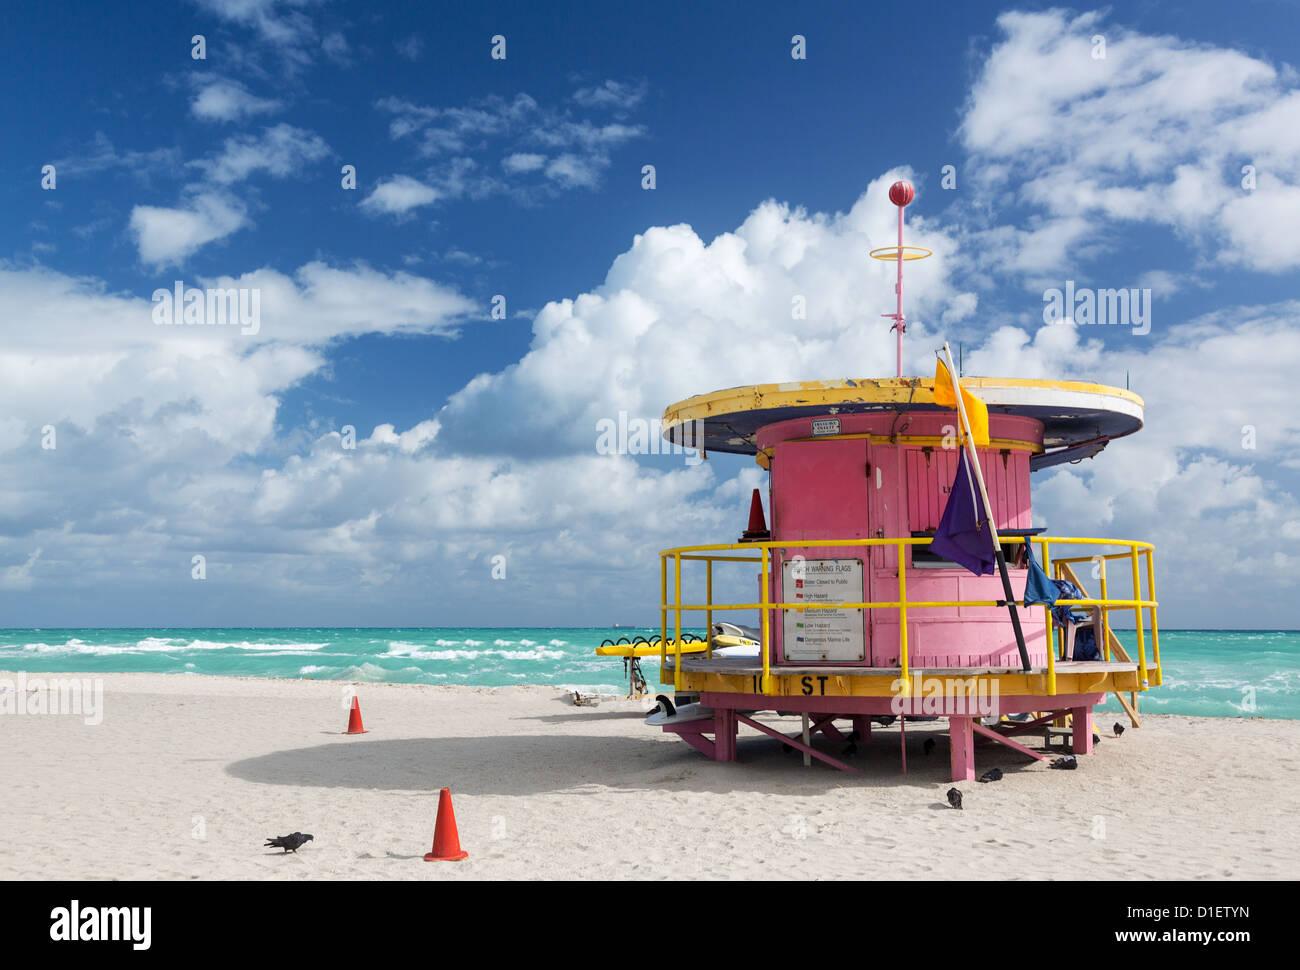 Miami Beach, Florida, EE.UU. - estación de socorrista Imagen De Stock